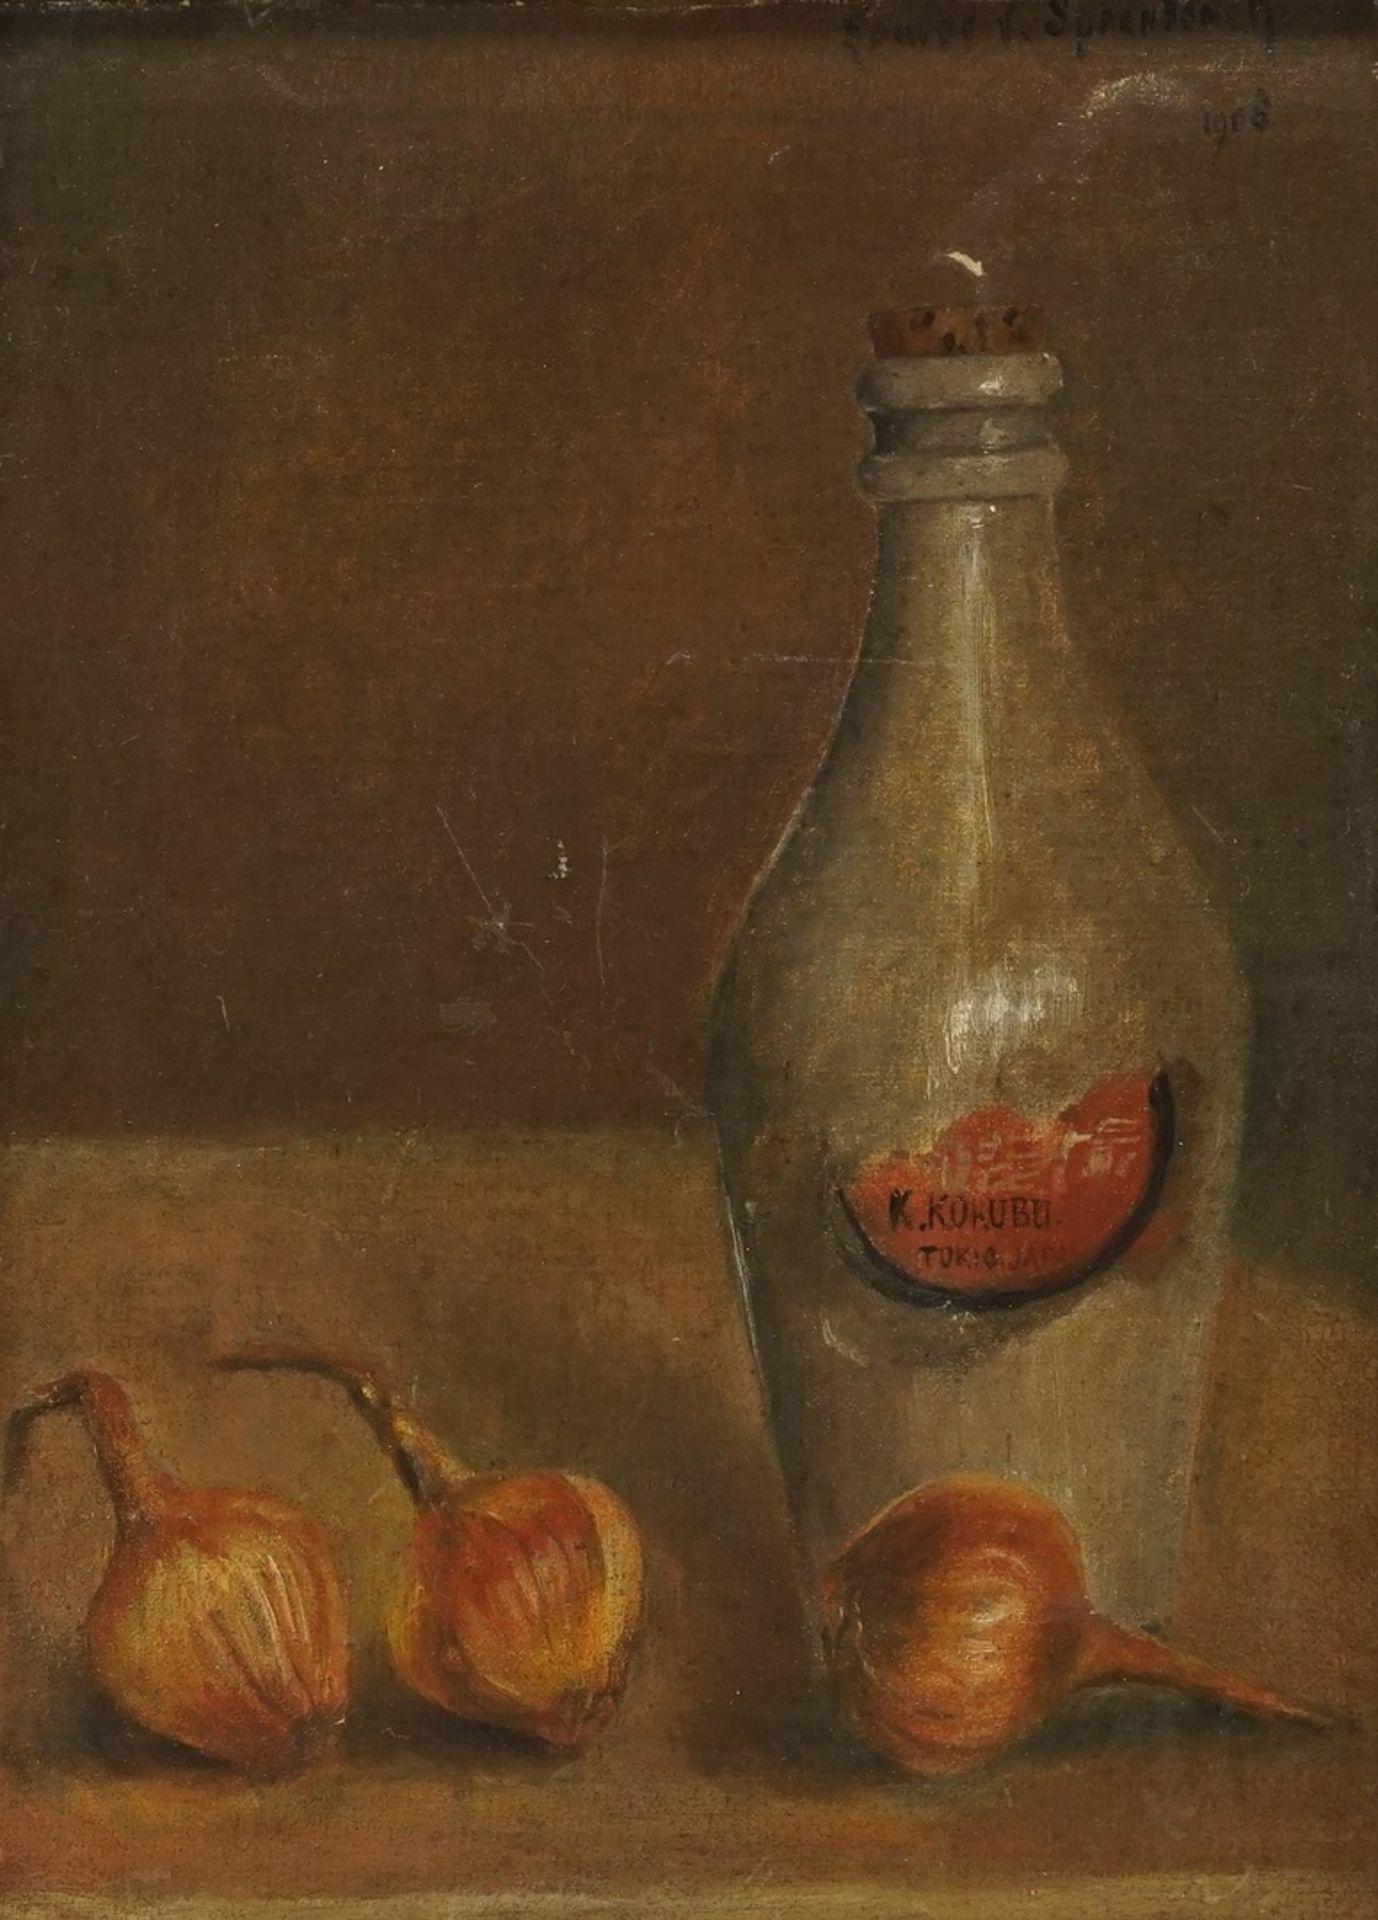 Inspiriert durch van Spaendonck, Stillleben mit Zwiebeln und Flasche